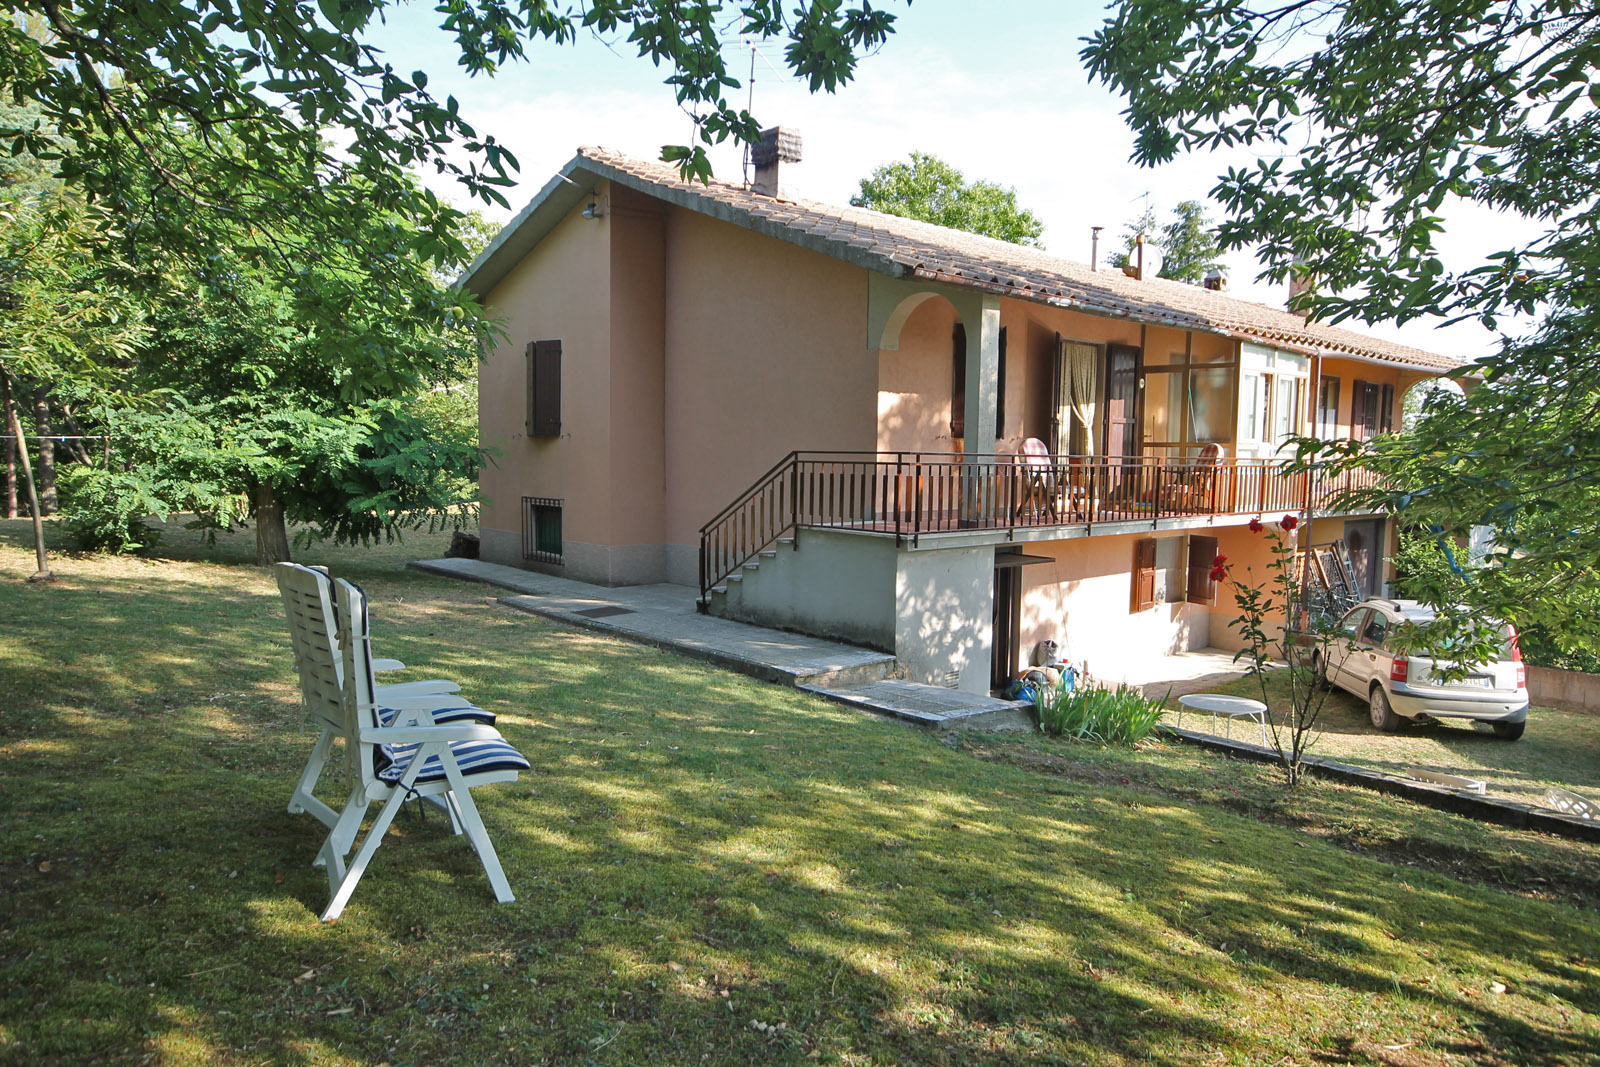 Arcidosso villa con giardino in vendita 68 immobiliare 3 emme - Case in vendita grosseto con giardino ...